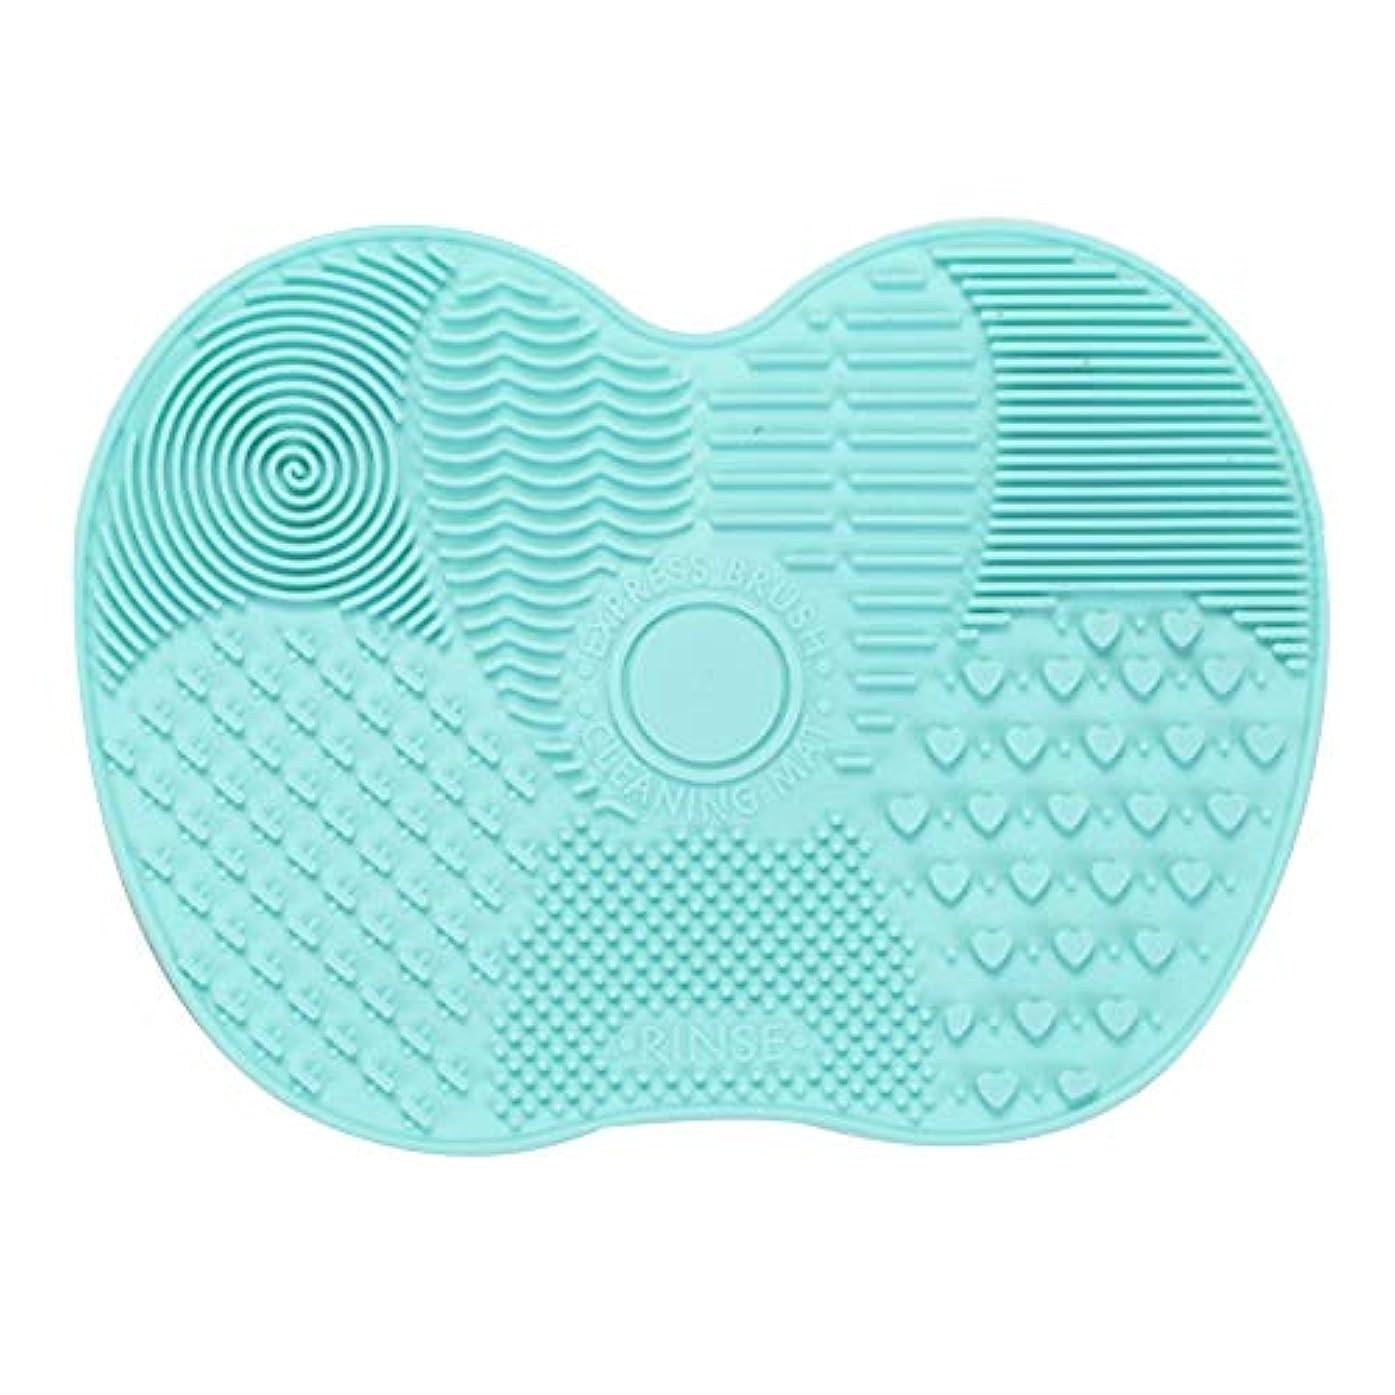 安全喜びより良いシリカゲルパッドの化粧ブラシ化粧ブラシ清掃パッドクリーニングパッドは、クリーンすすぎ洗浄し、グリーンプロ化粧ブラシを保持しました。